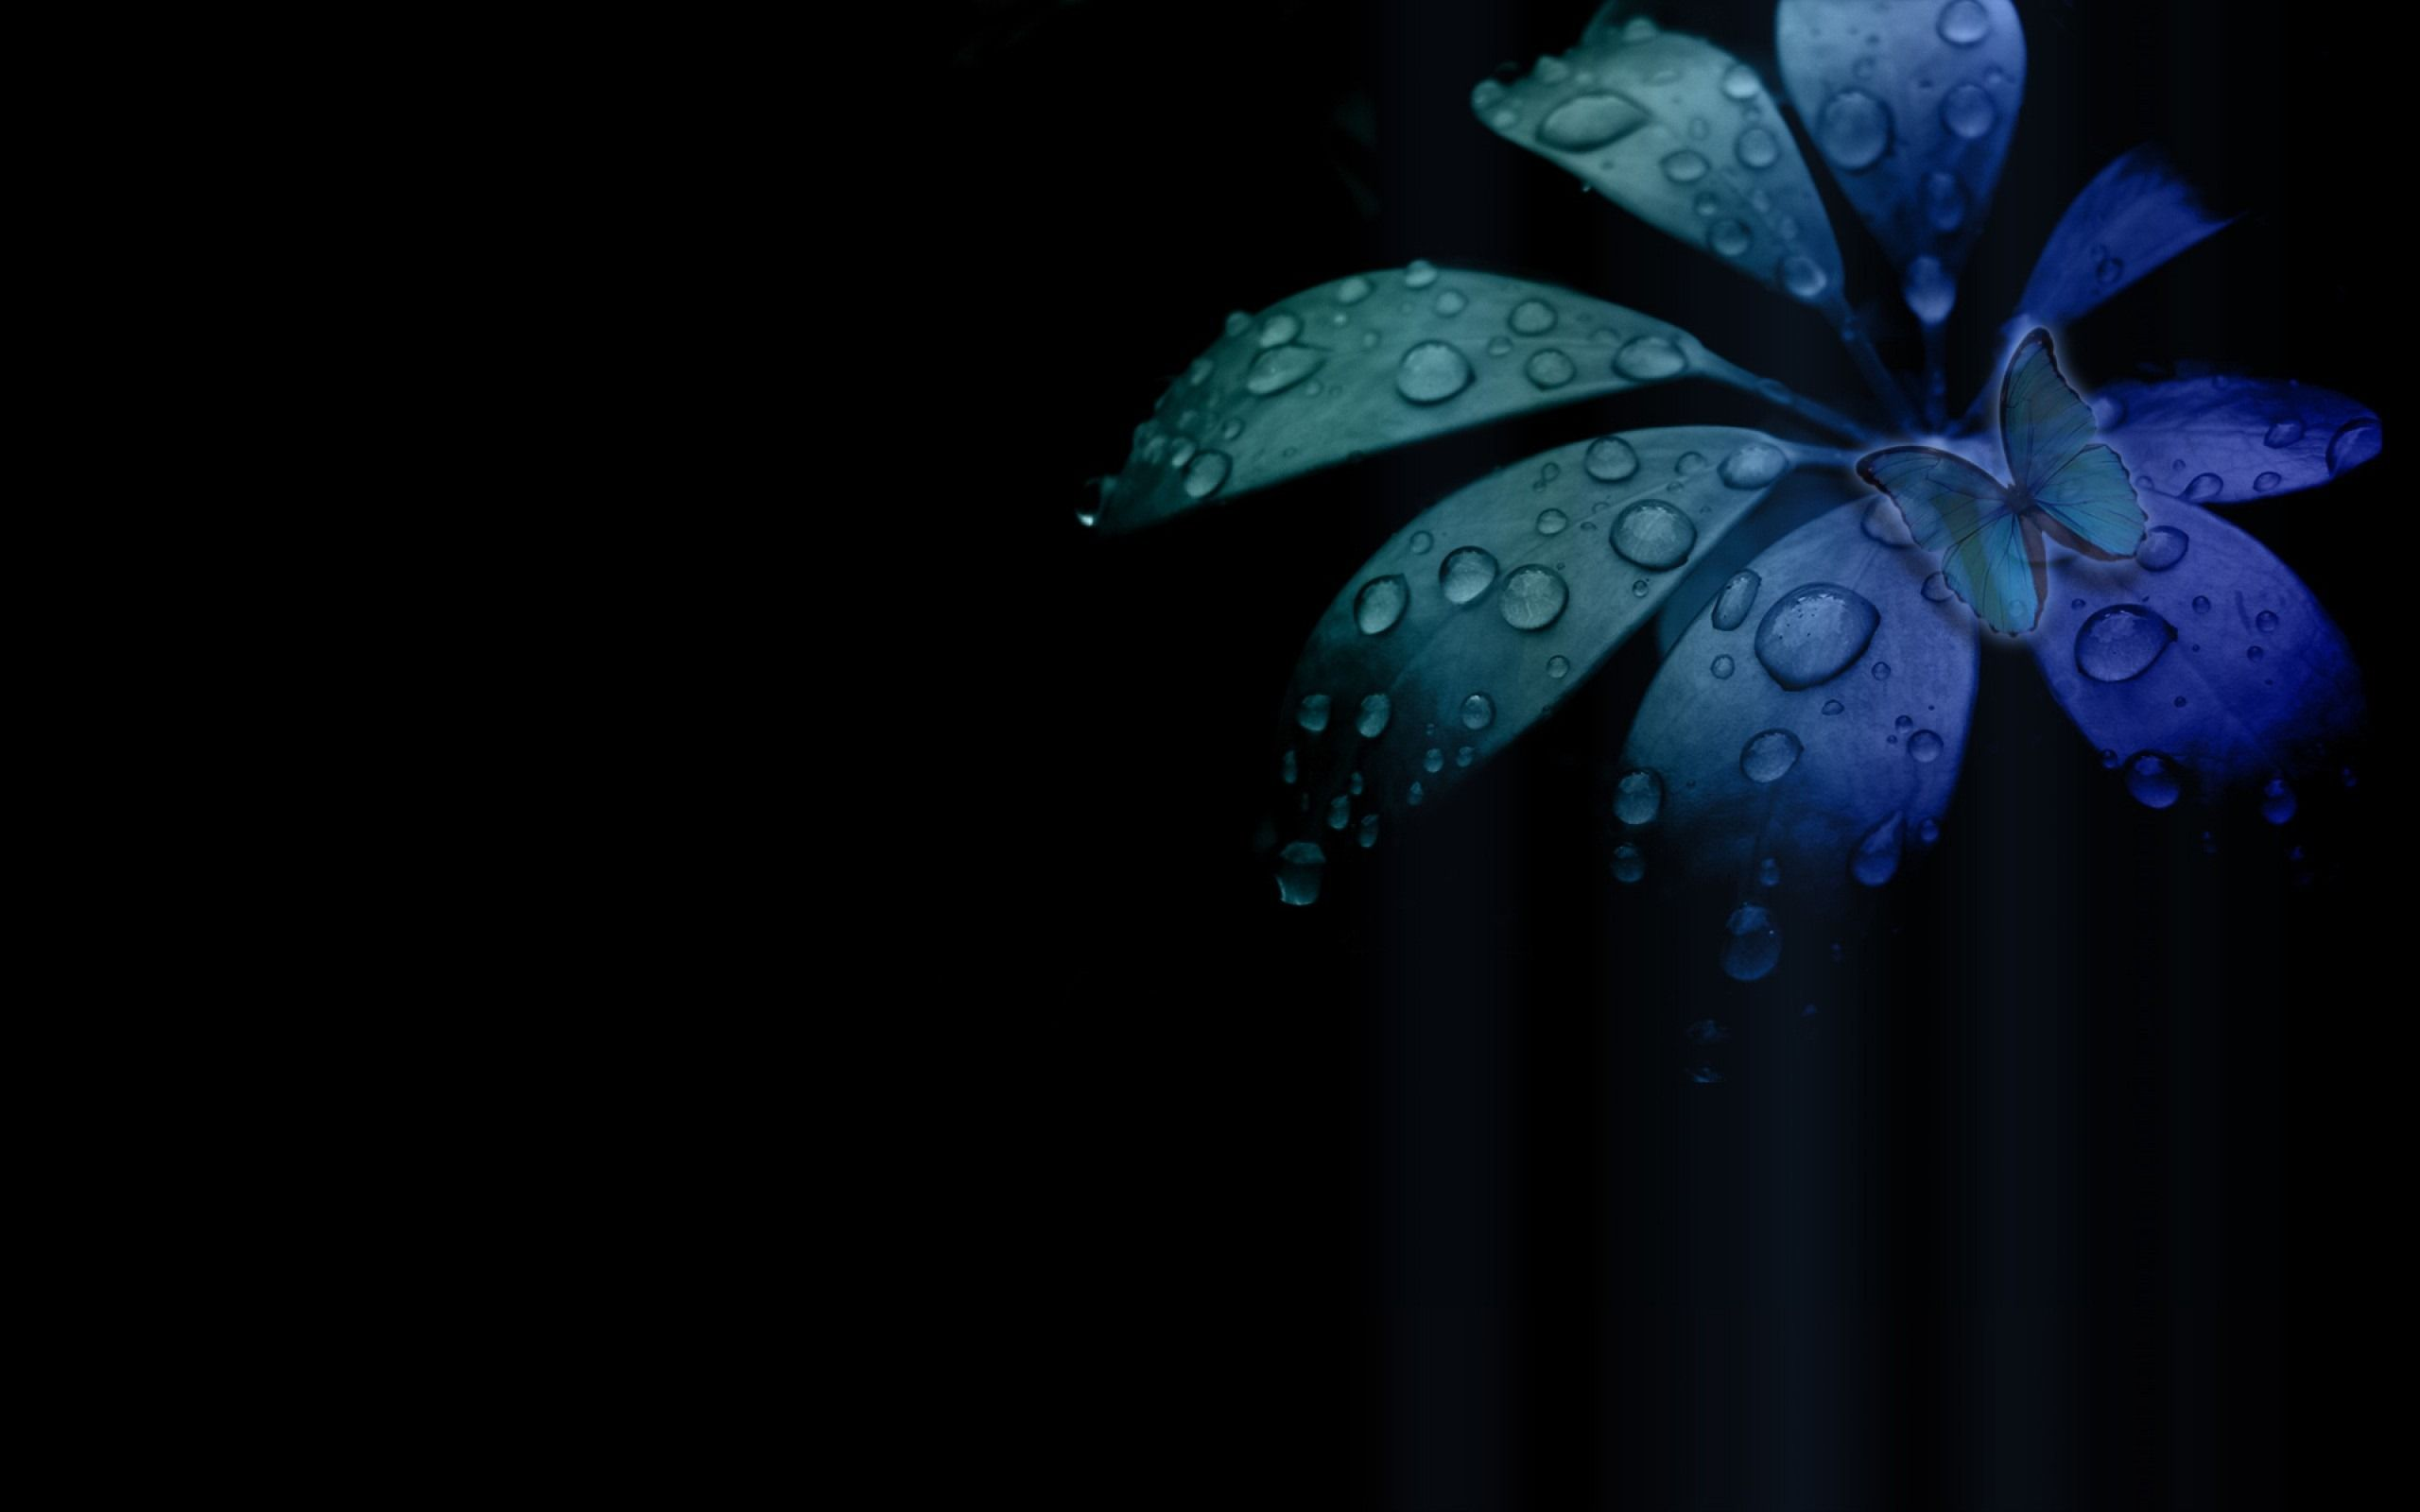 Blue Butterfly Flower Wallpaper